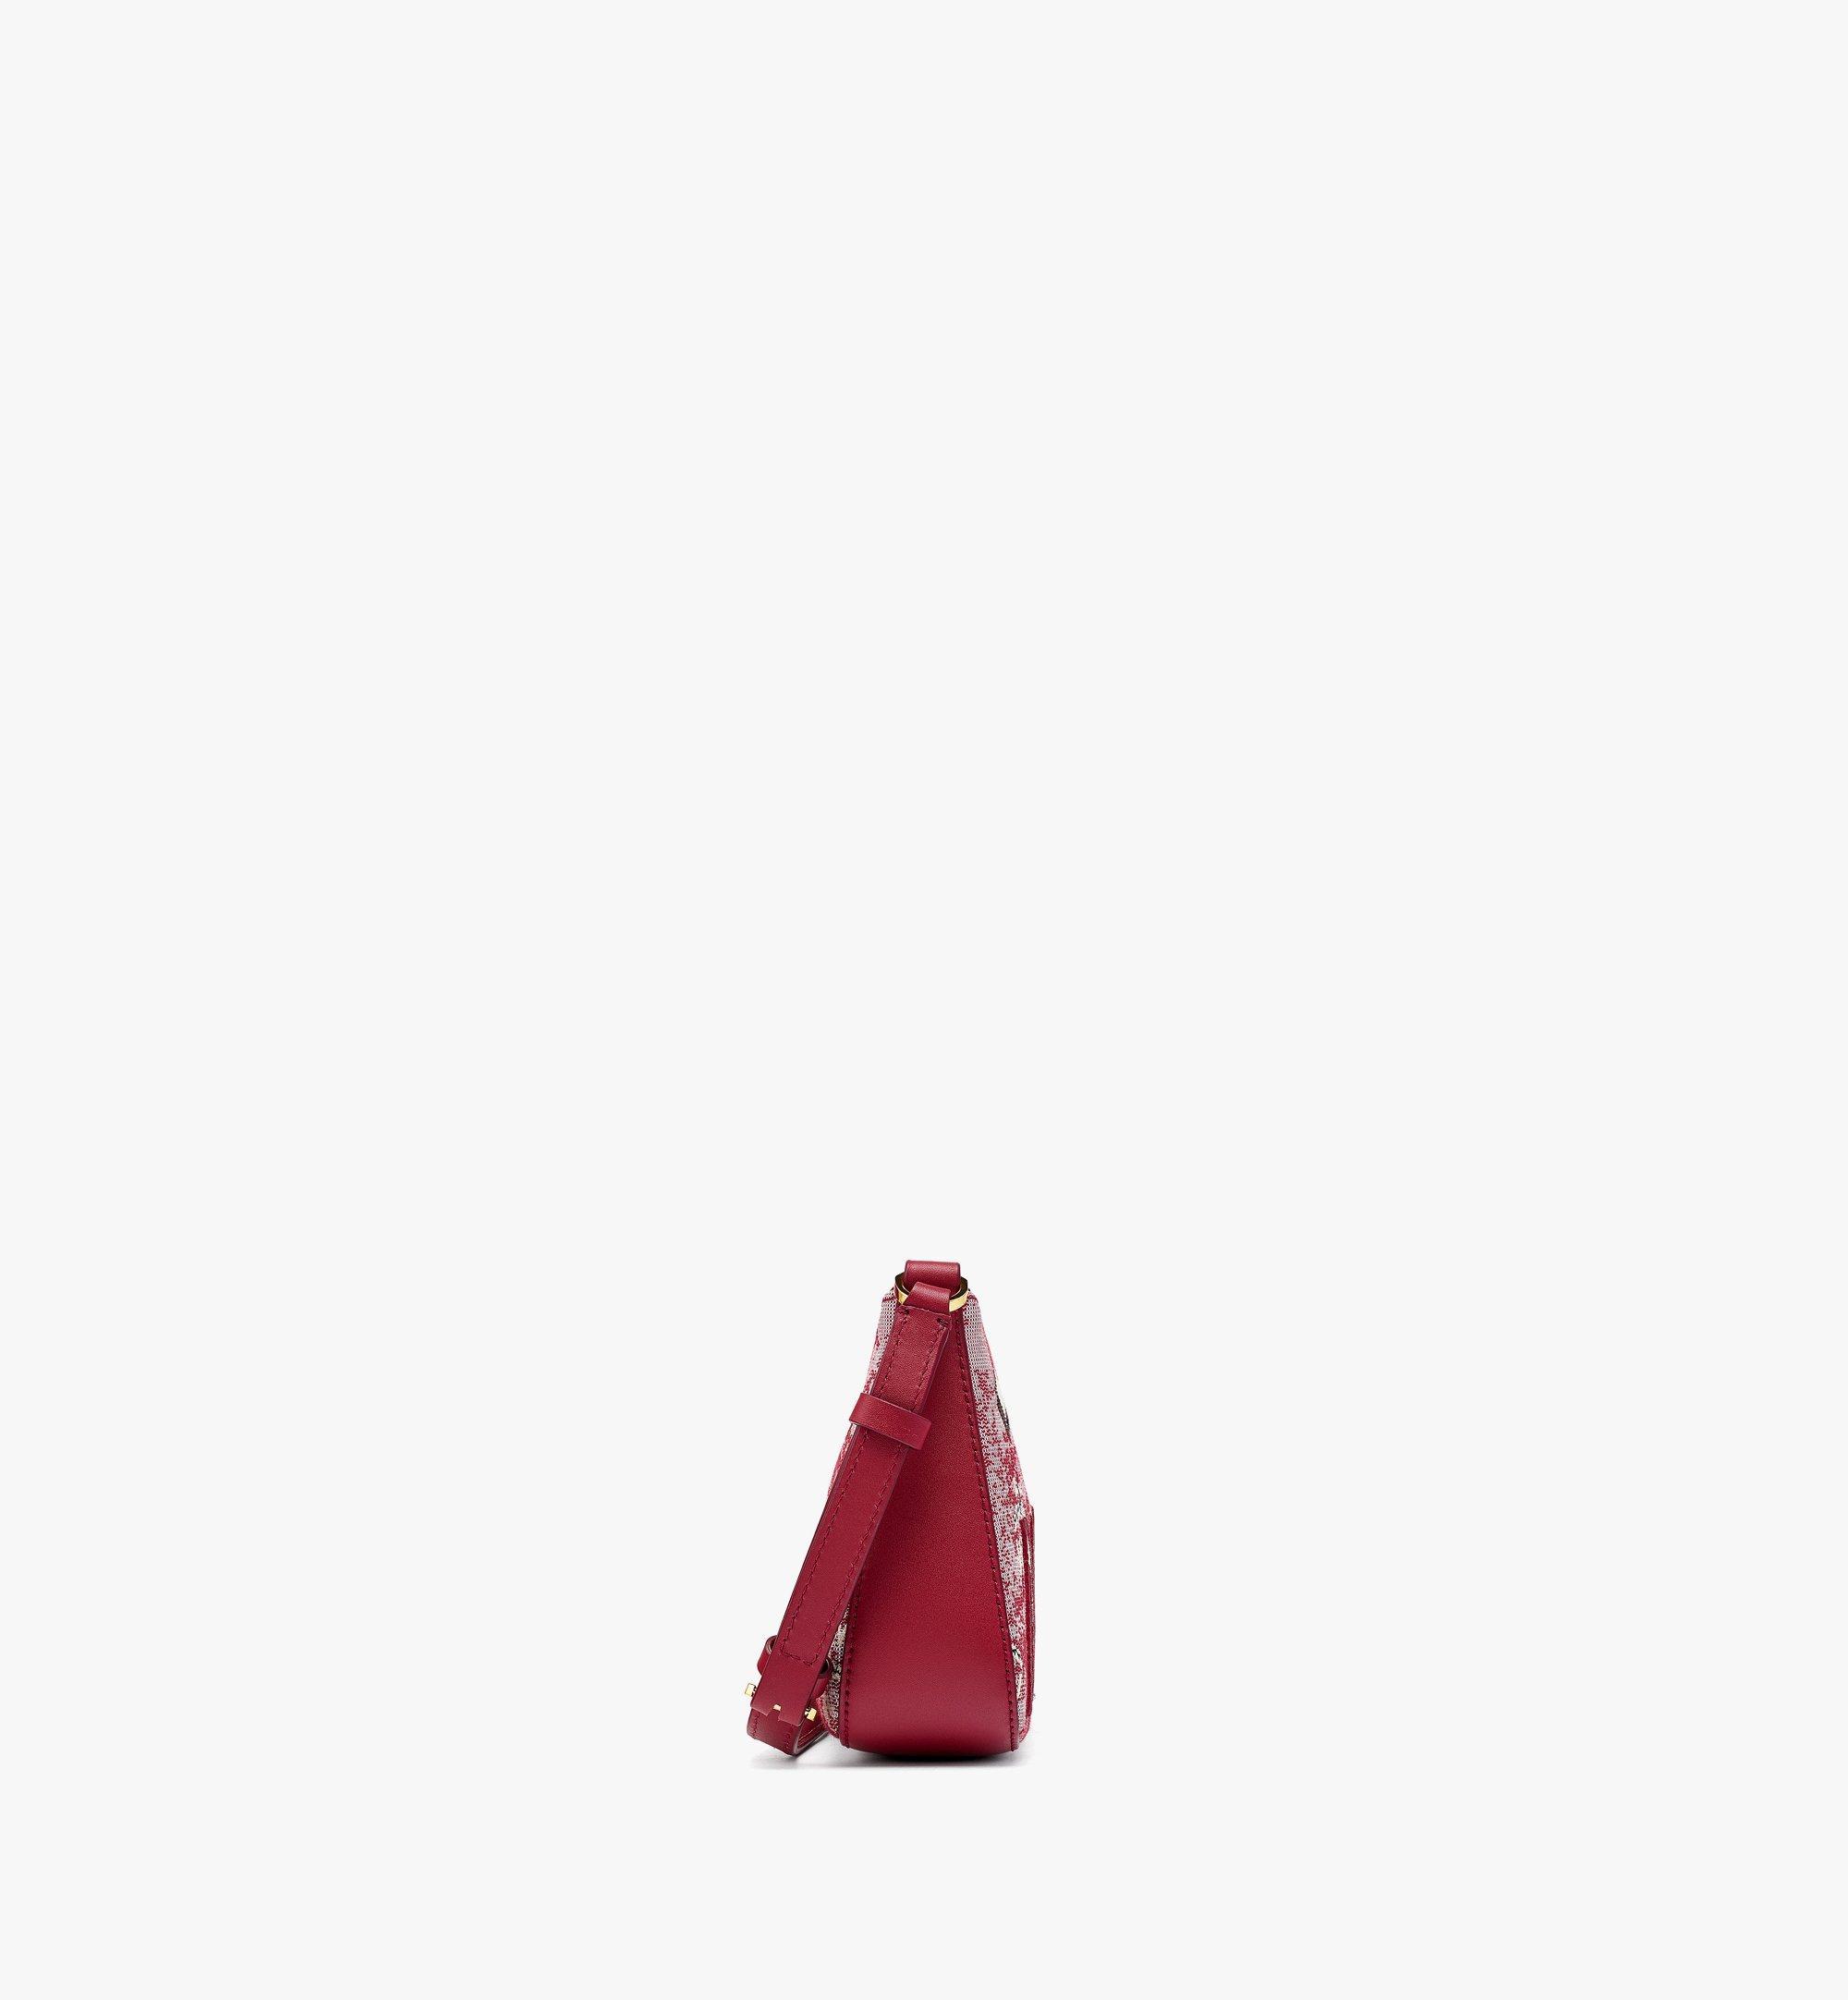 MCM Sac porté épaule en jacquard monogrammé vintage Red MWSBATQ01RE001 Plus de photos 1